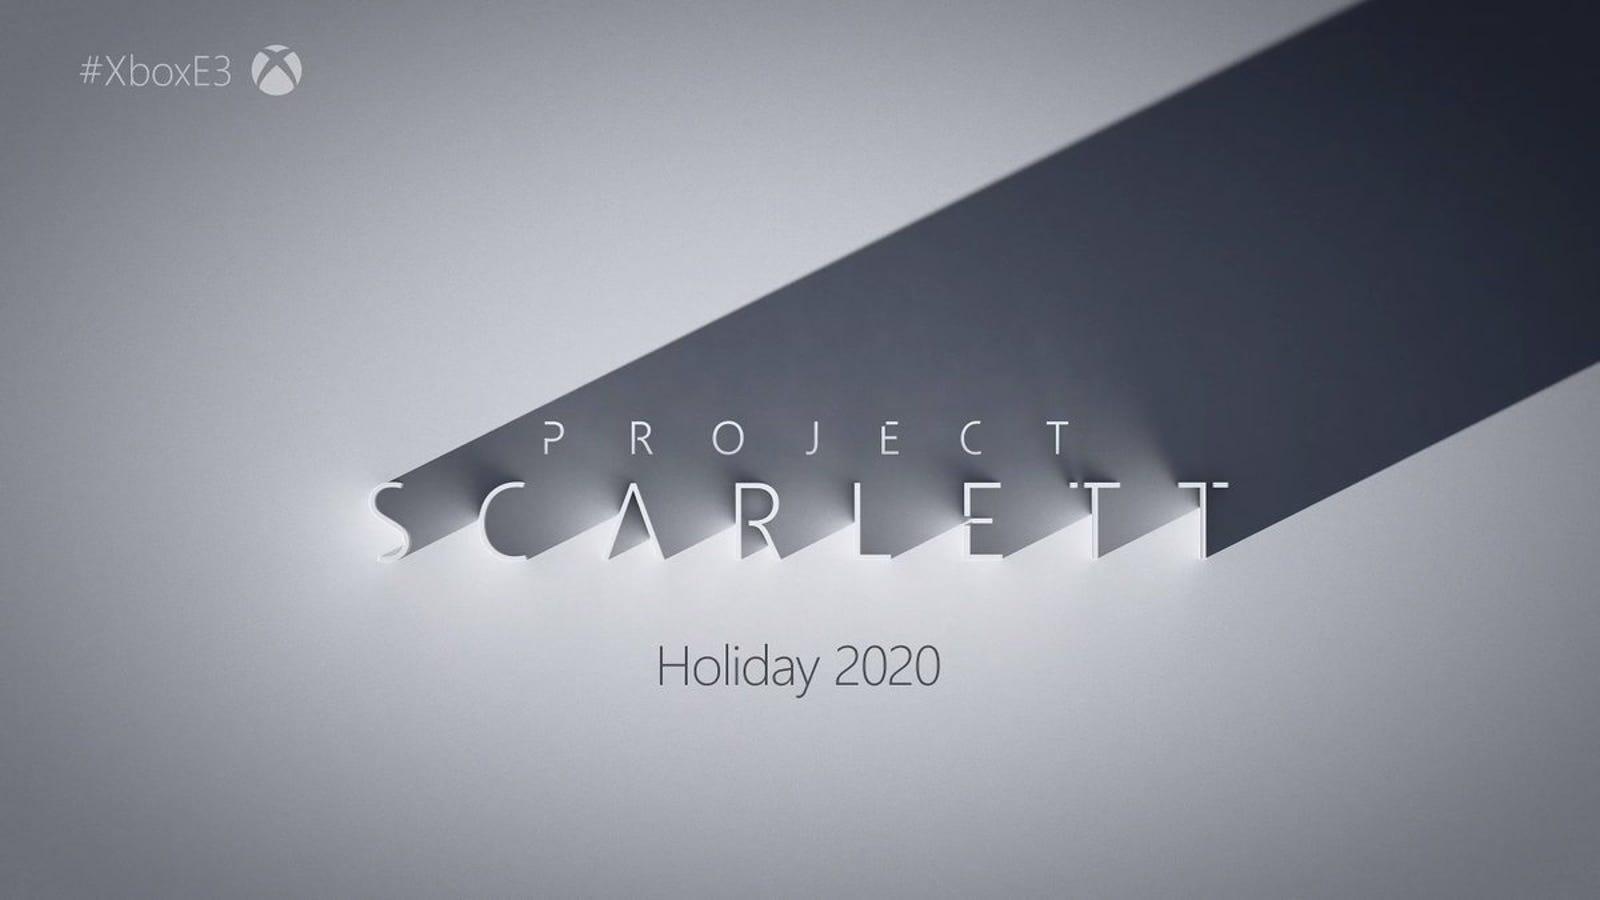 Project Scarlett es la nueva generación de Xbox, y llega en 2020